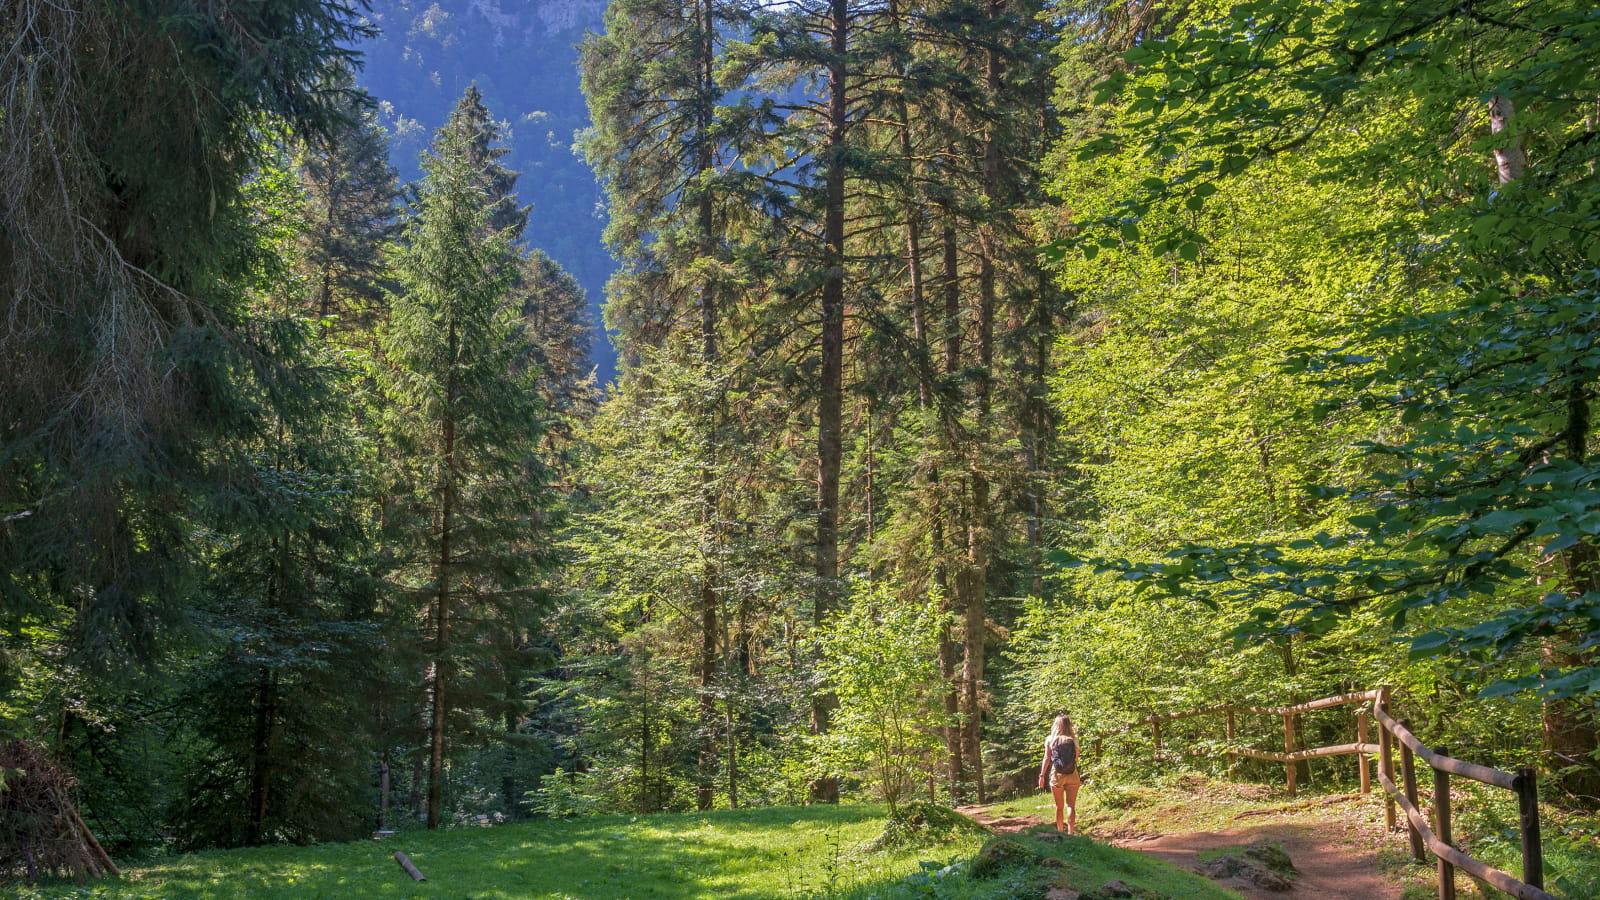 Balade dans le Cirque de Consolation dans les Montagnes du Jura